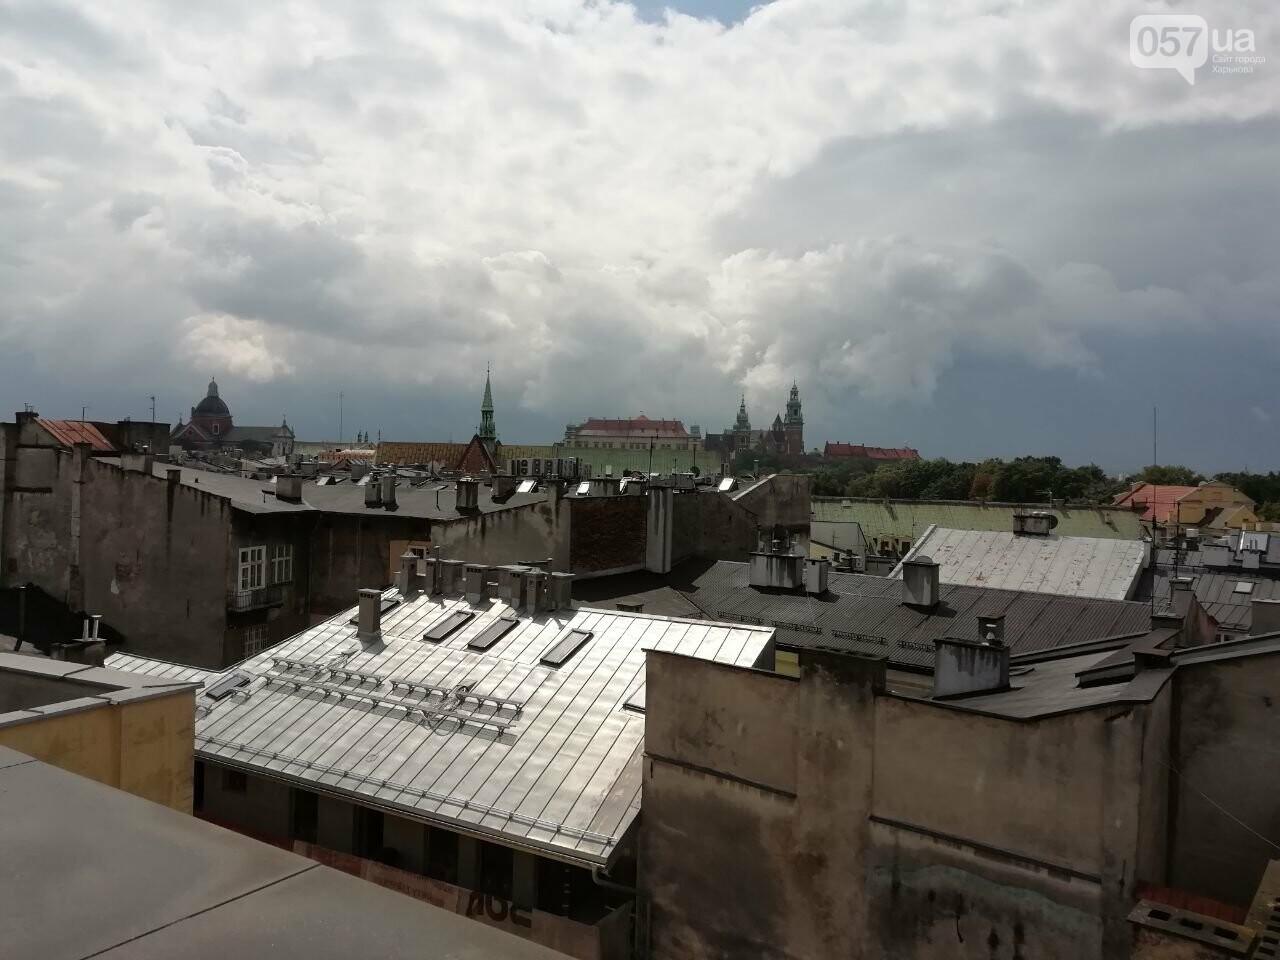 Из Харькова в Краков: Королевский замок, средневековые здания и музей под землей, - ФОТО, фото-9